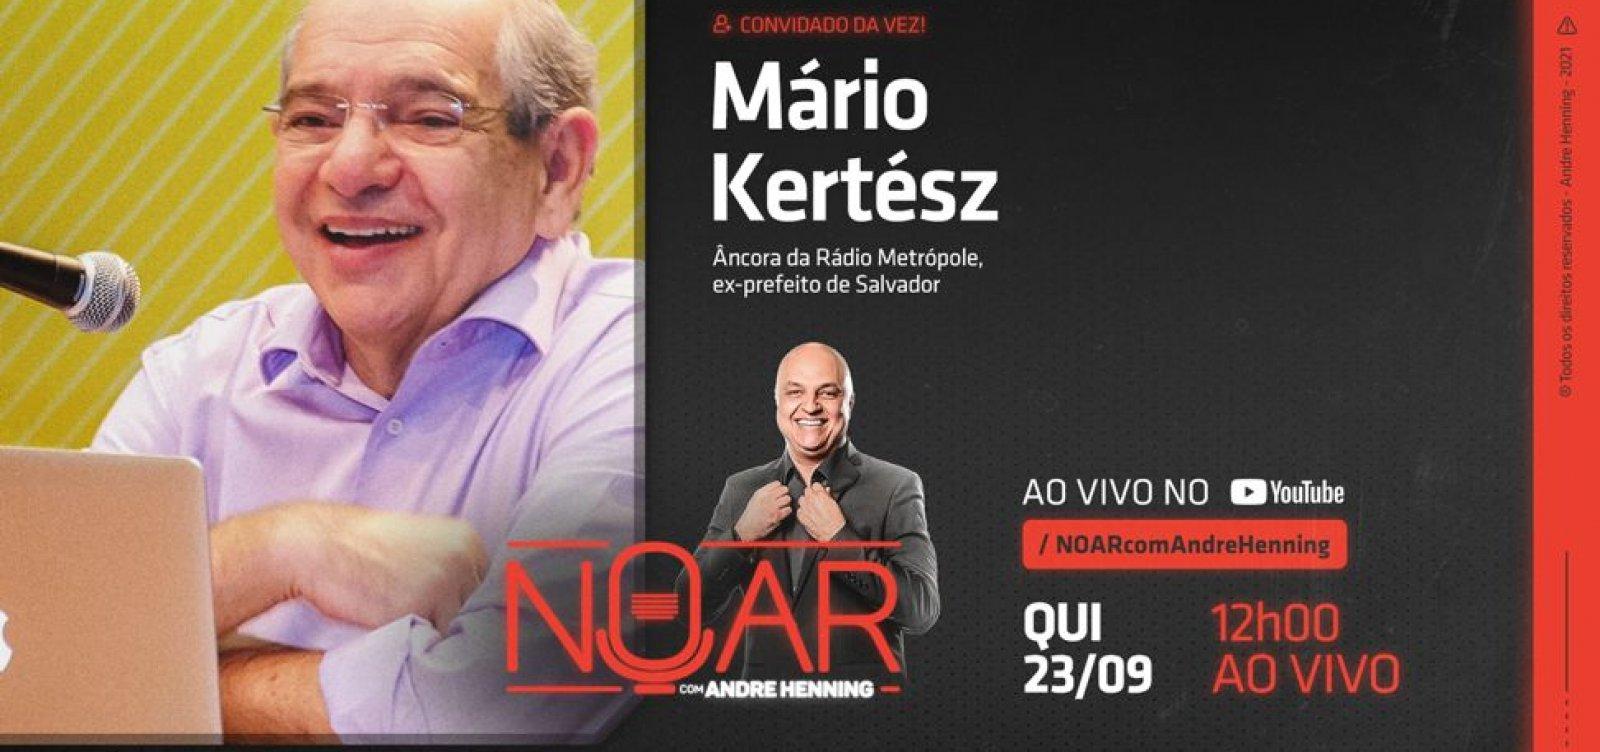 Mário Kertész é o entrevistado do programa No Ar, com André Henning